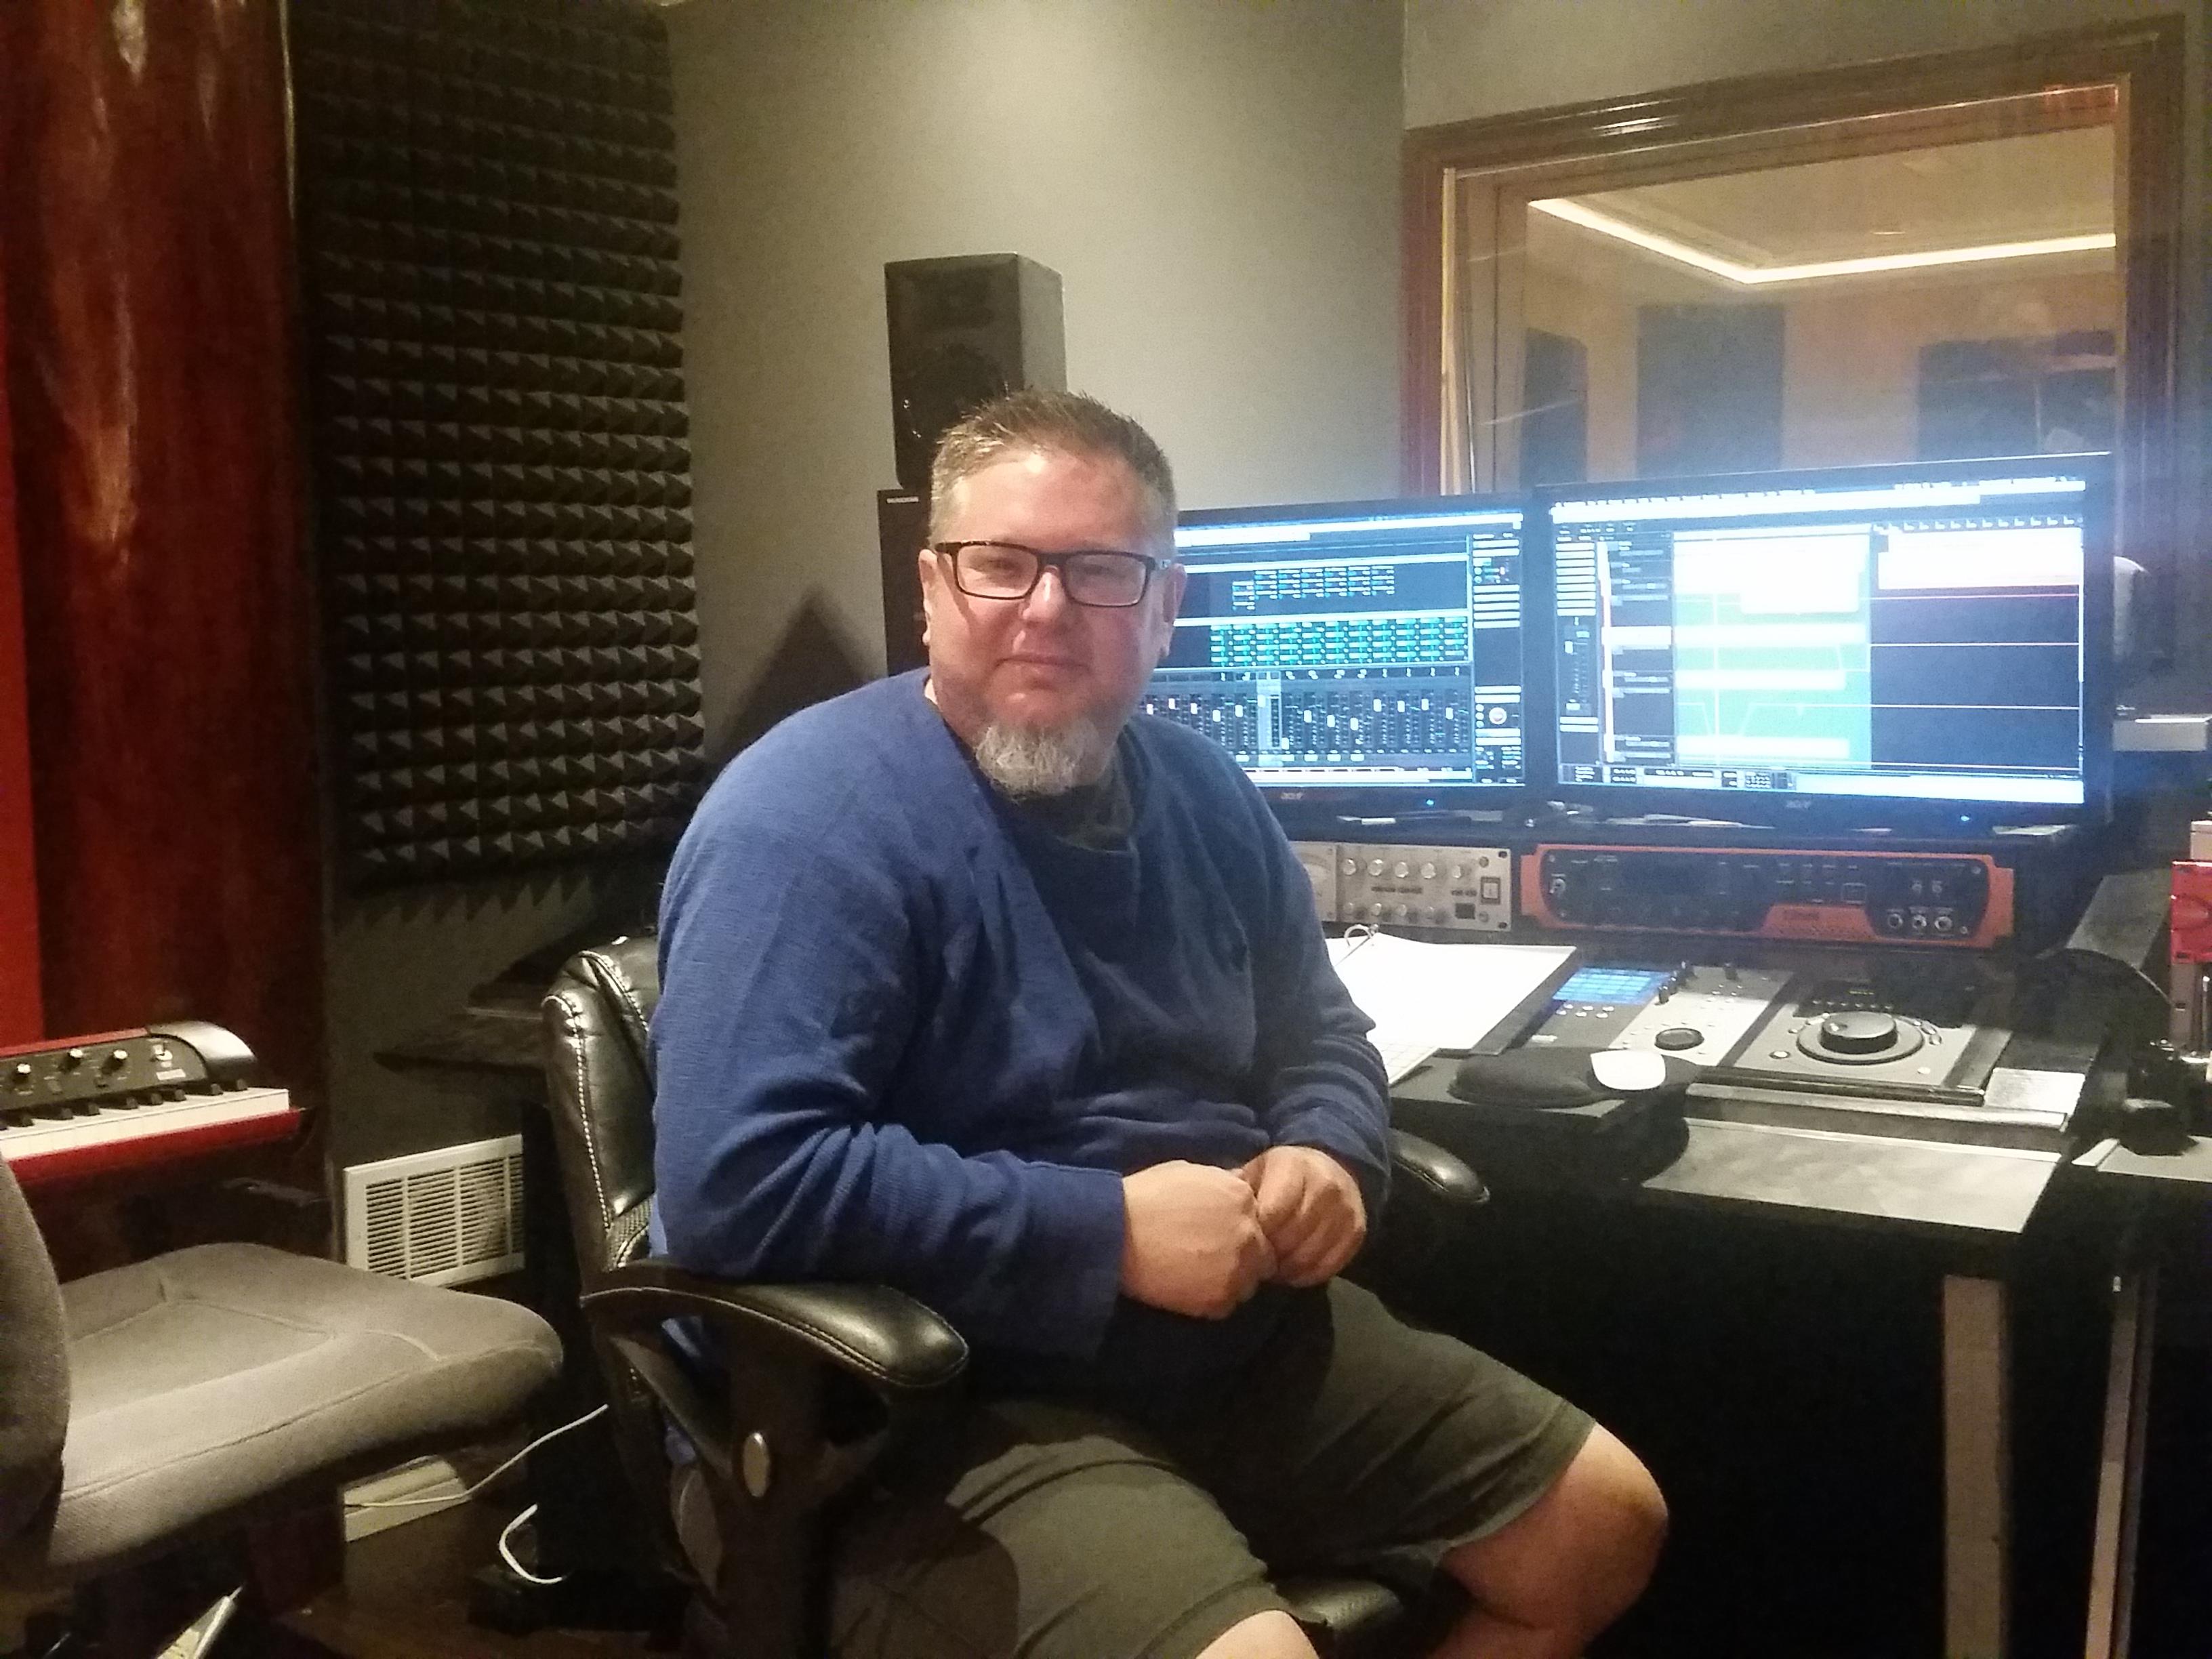 Our engineer/producer Matt